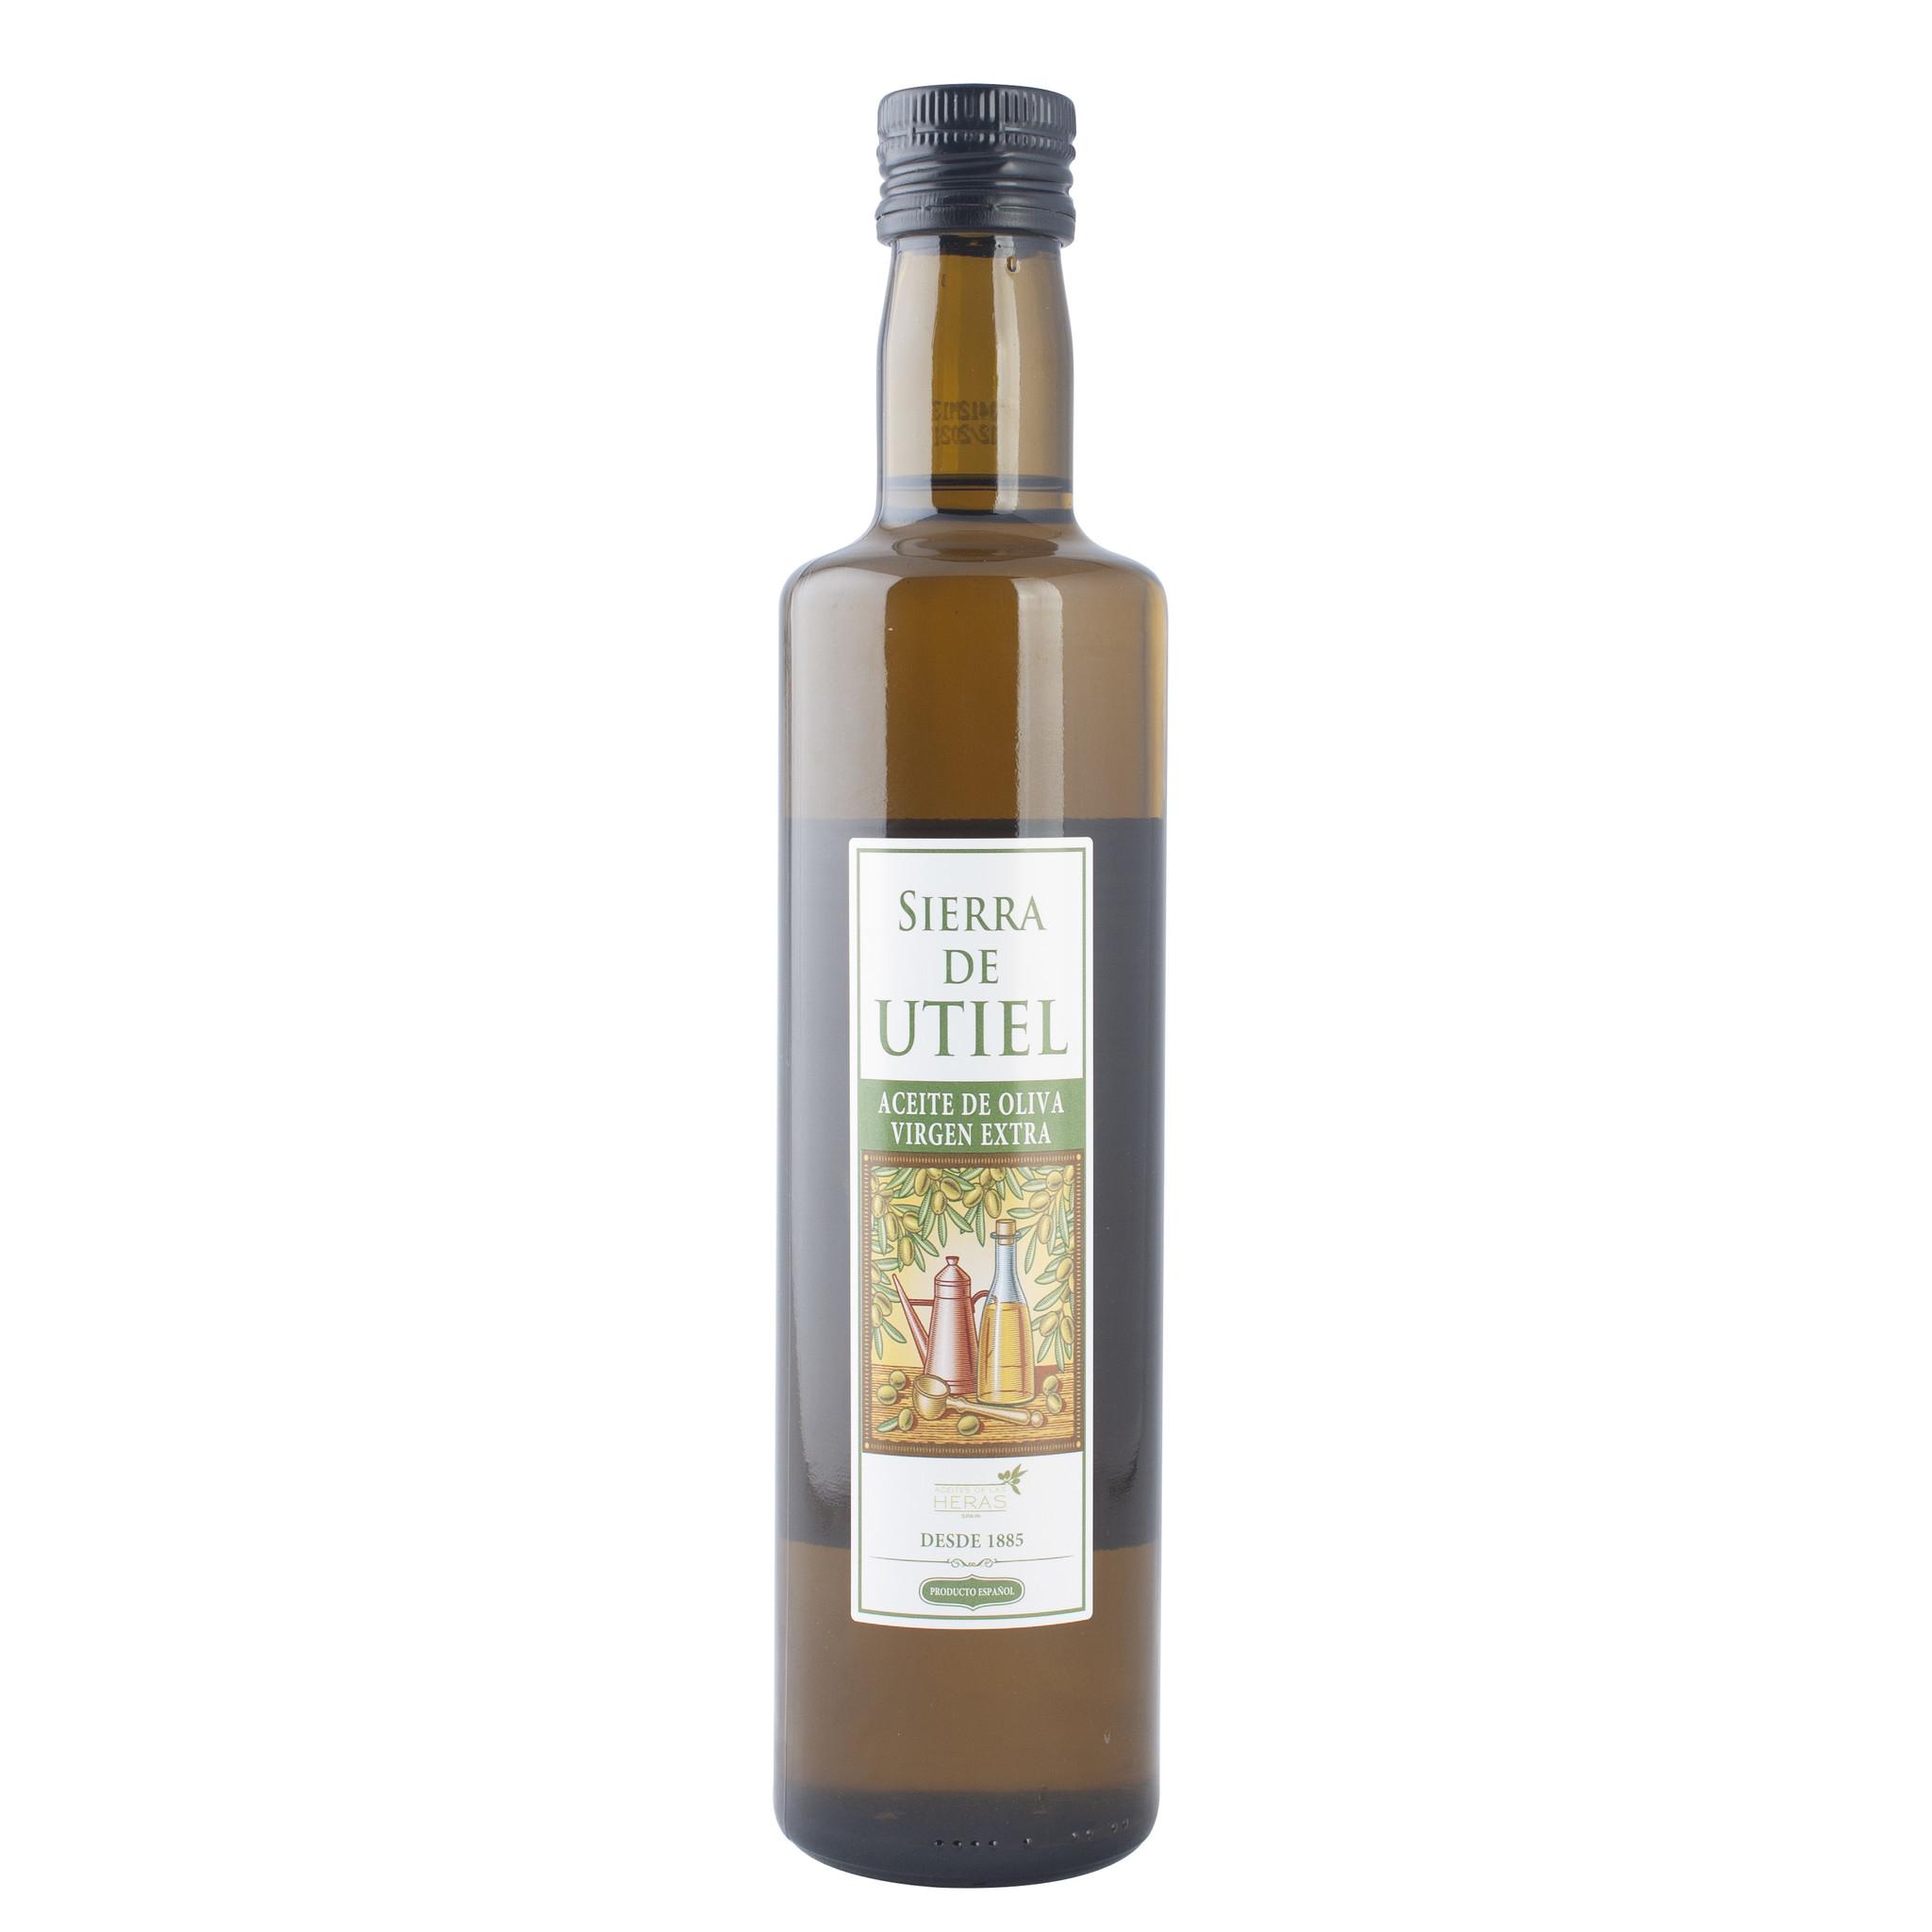 Sierra de Utiel Extra Virgin Oliveoil 0,5 L